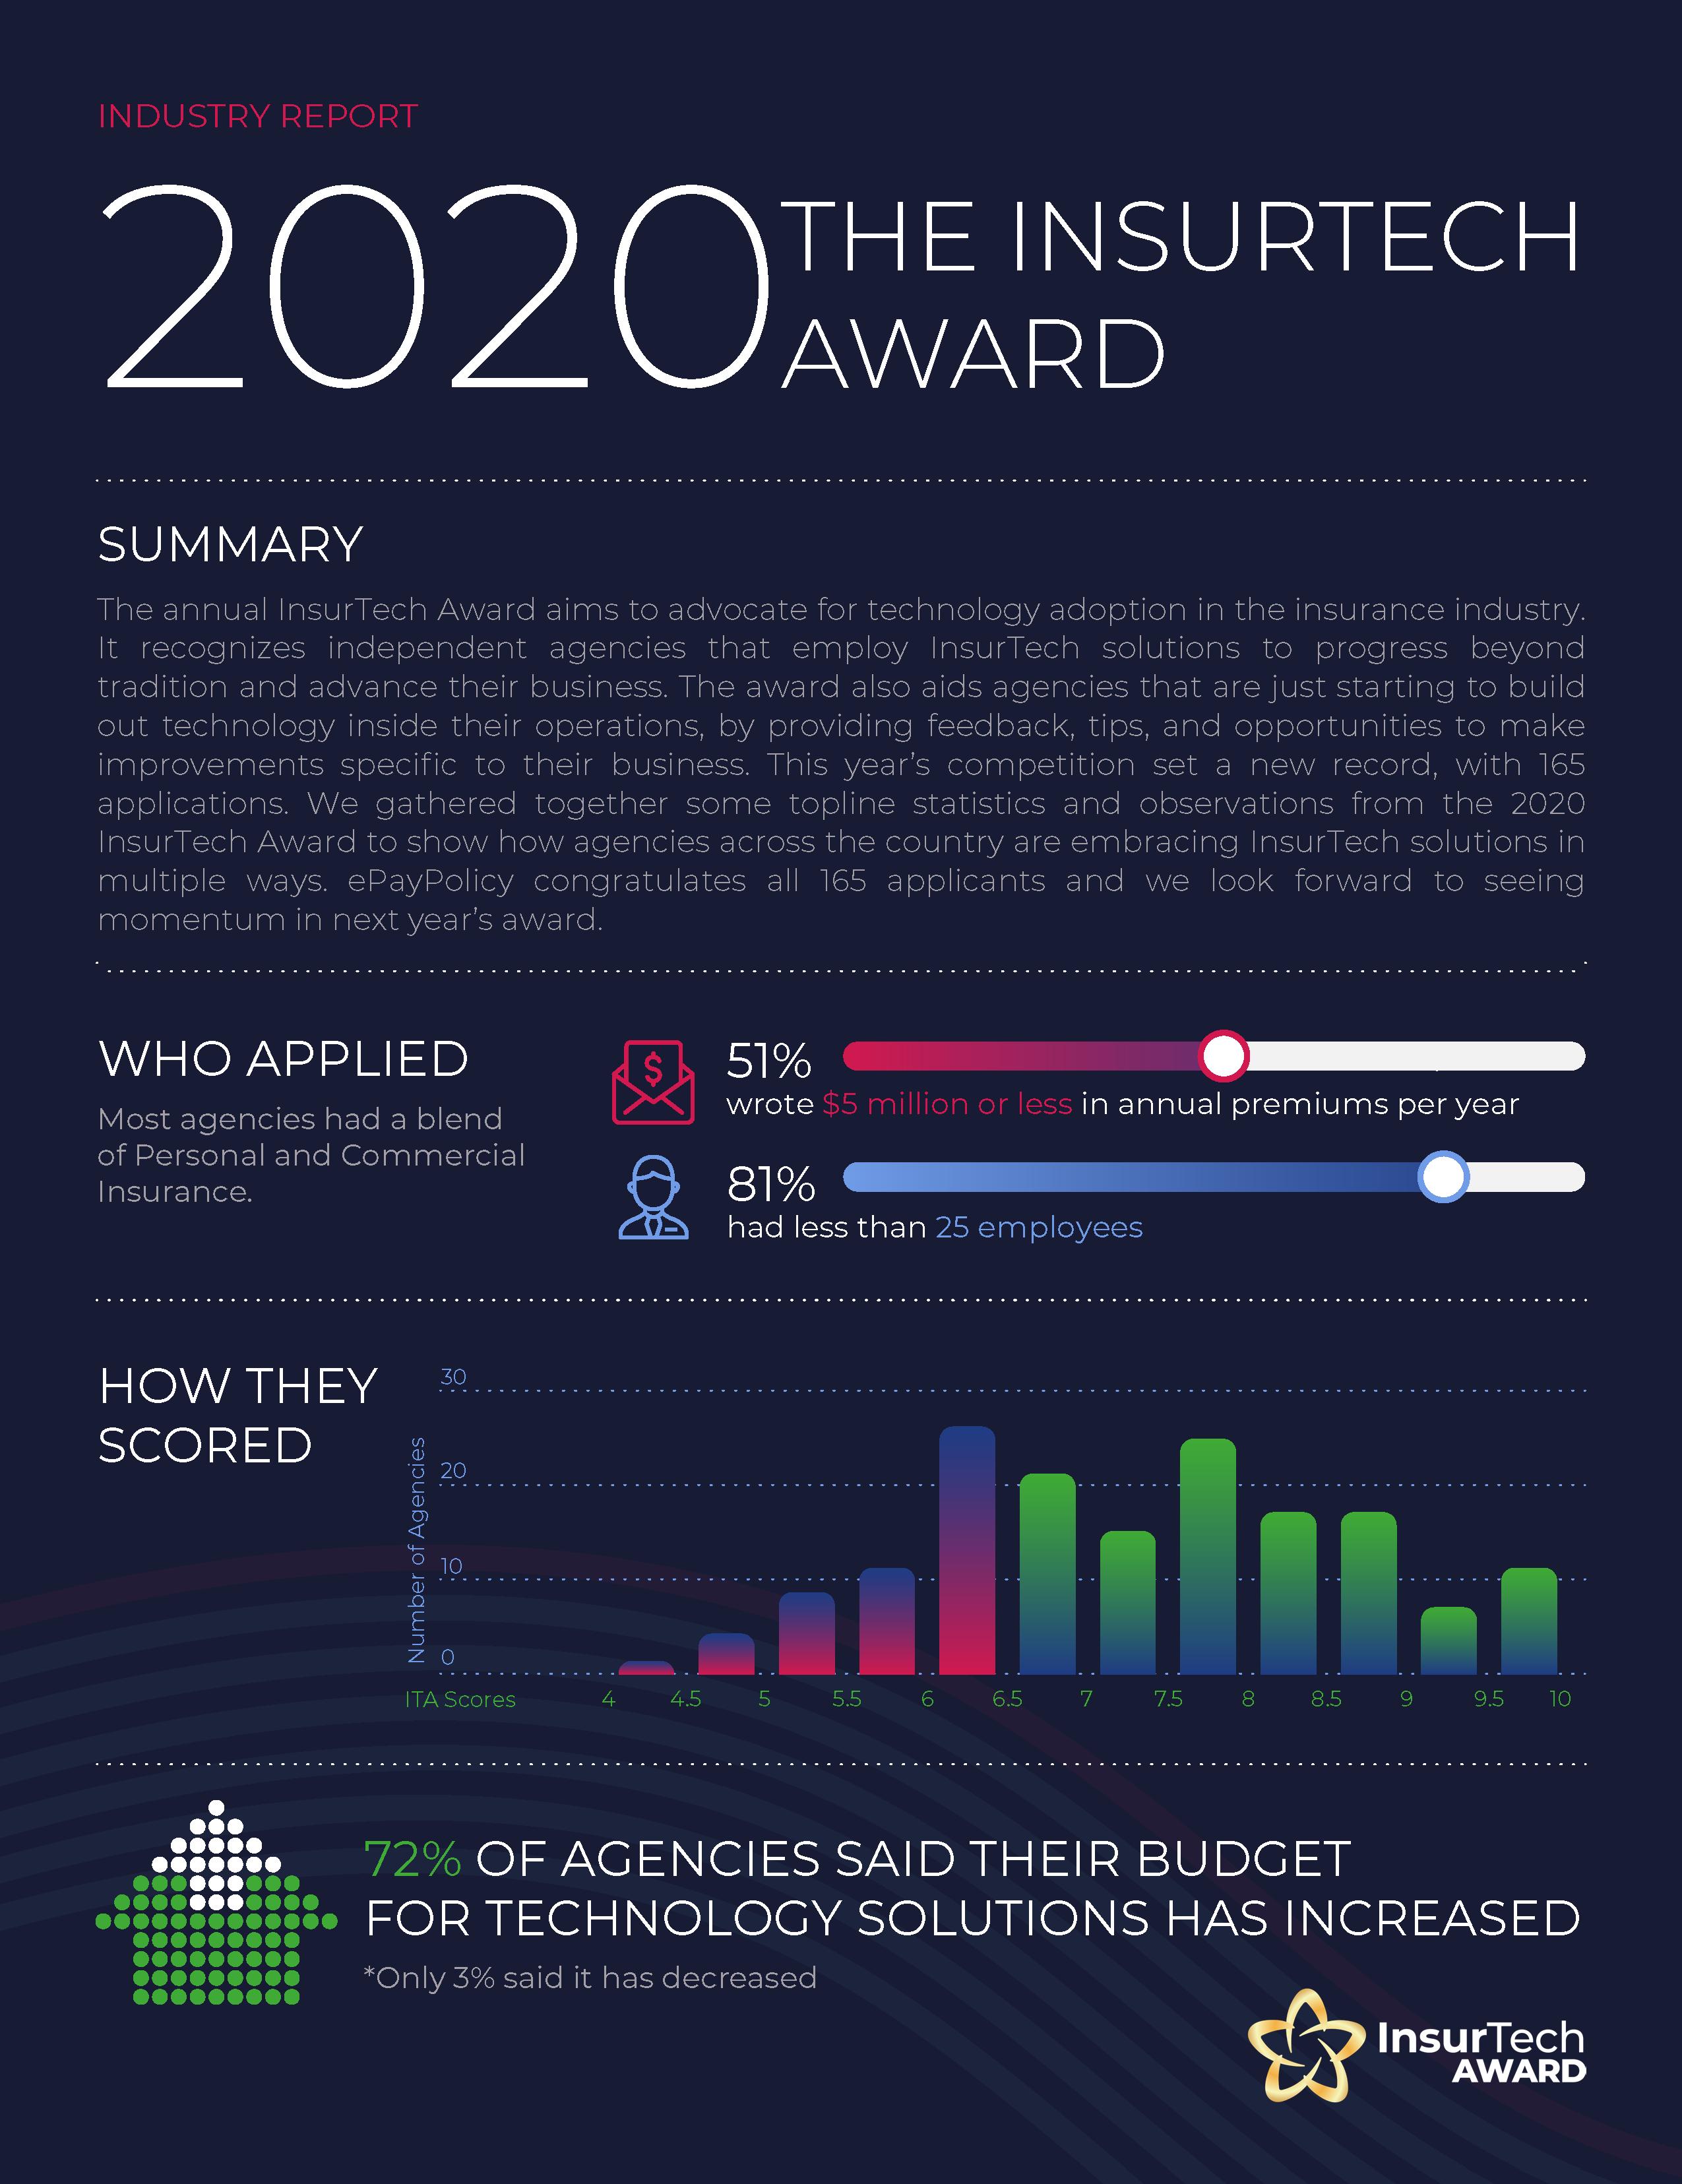 InsurTech Award Data